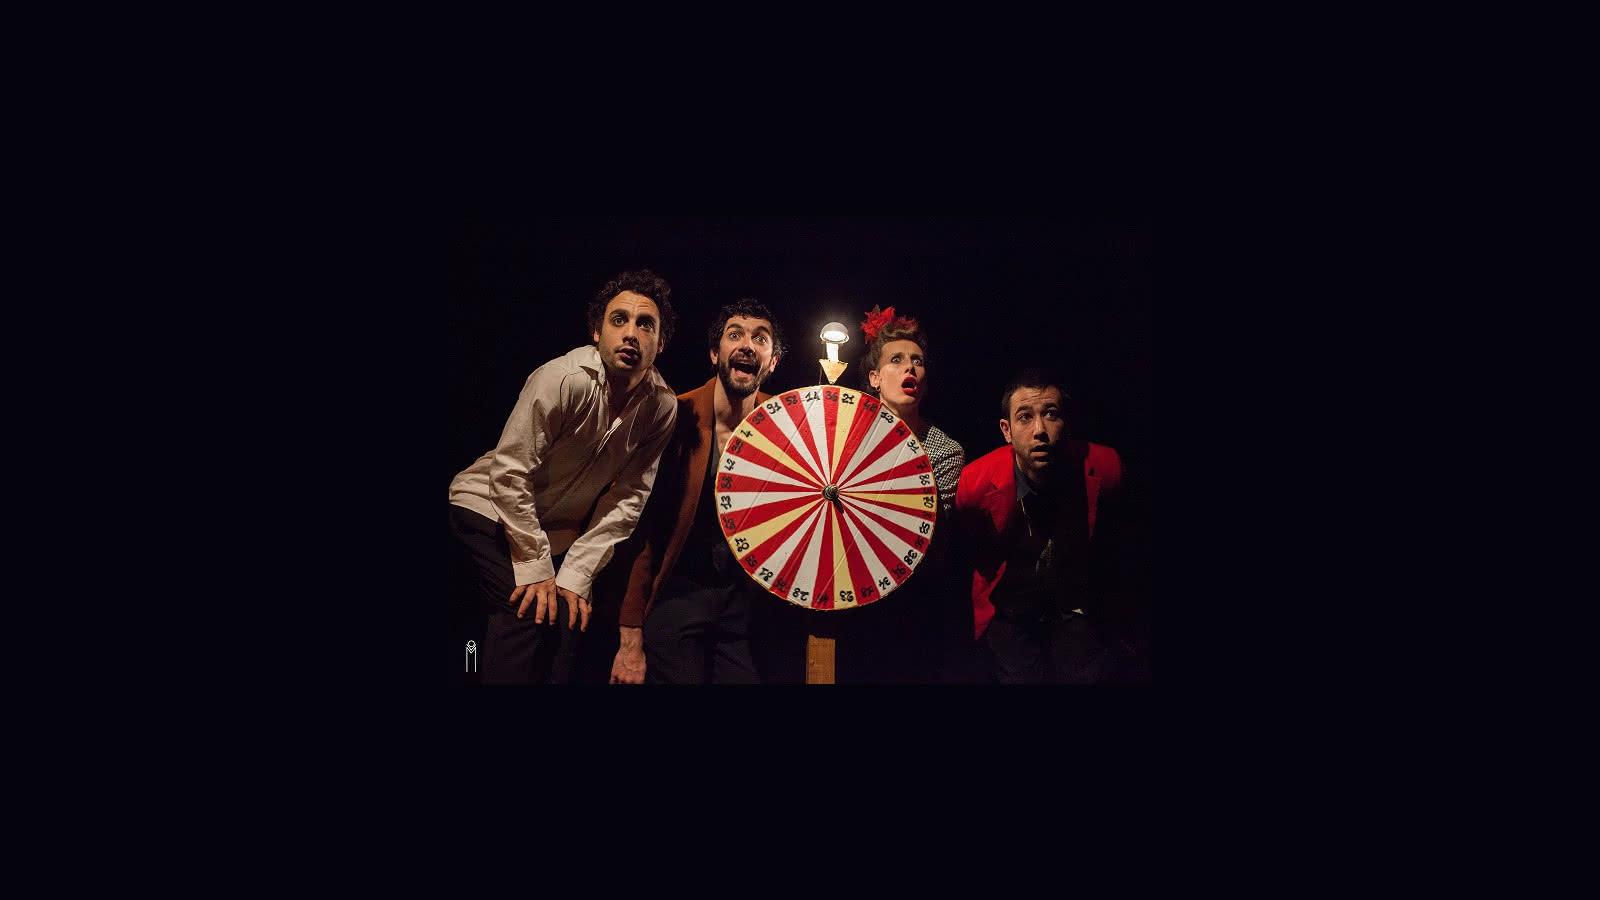 Saison culturelle Romagnat : Cabaret en poche